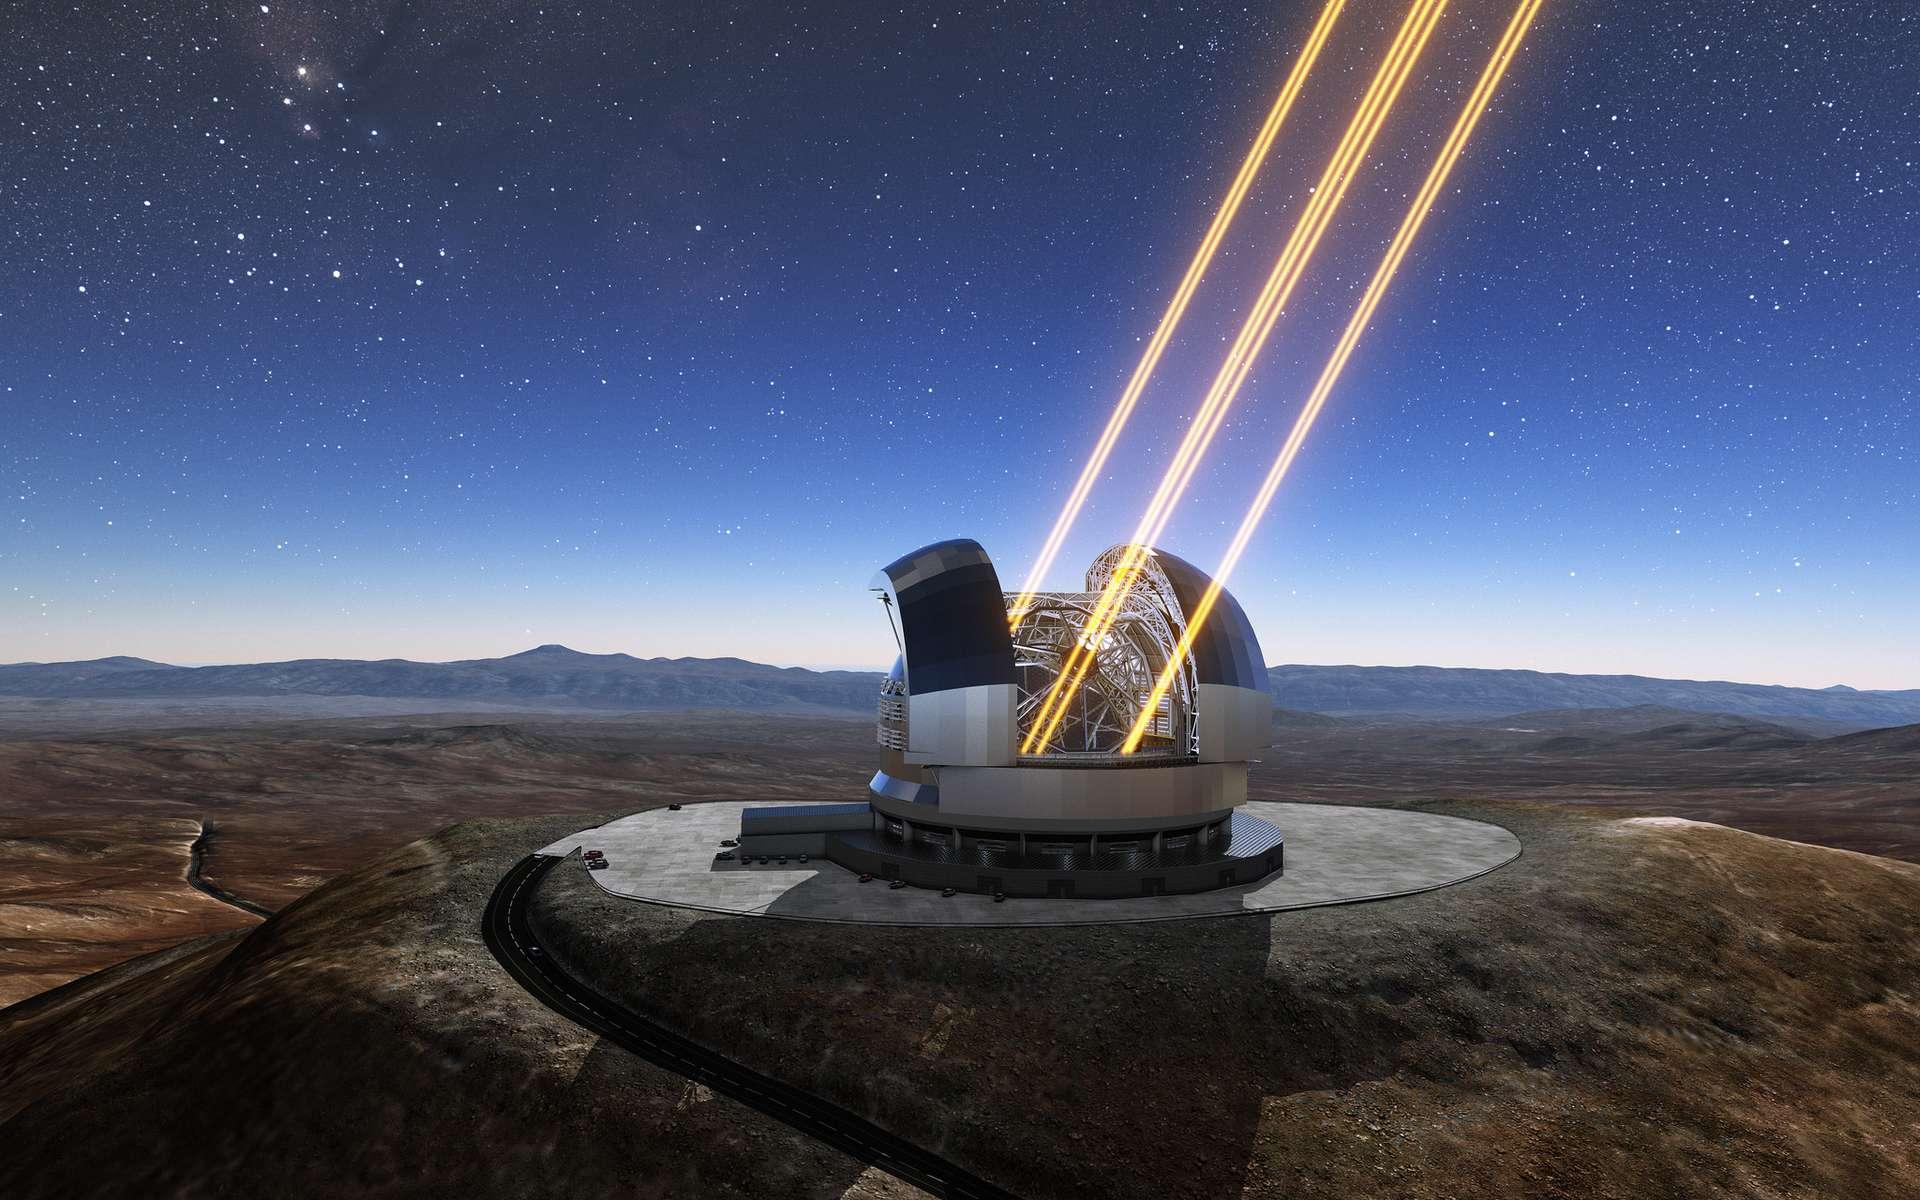 Une vue d'artiste du futur ELT (Extremely Large Telescope) en opération. La première pierre de ce télescope monumental a été posée en mai 2017. En 2024, il devrait ouvrir son œil de 39 mètres de diamètre sur le cosmos. © ESO, L. Calçada